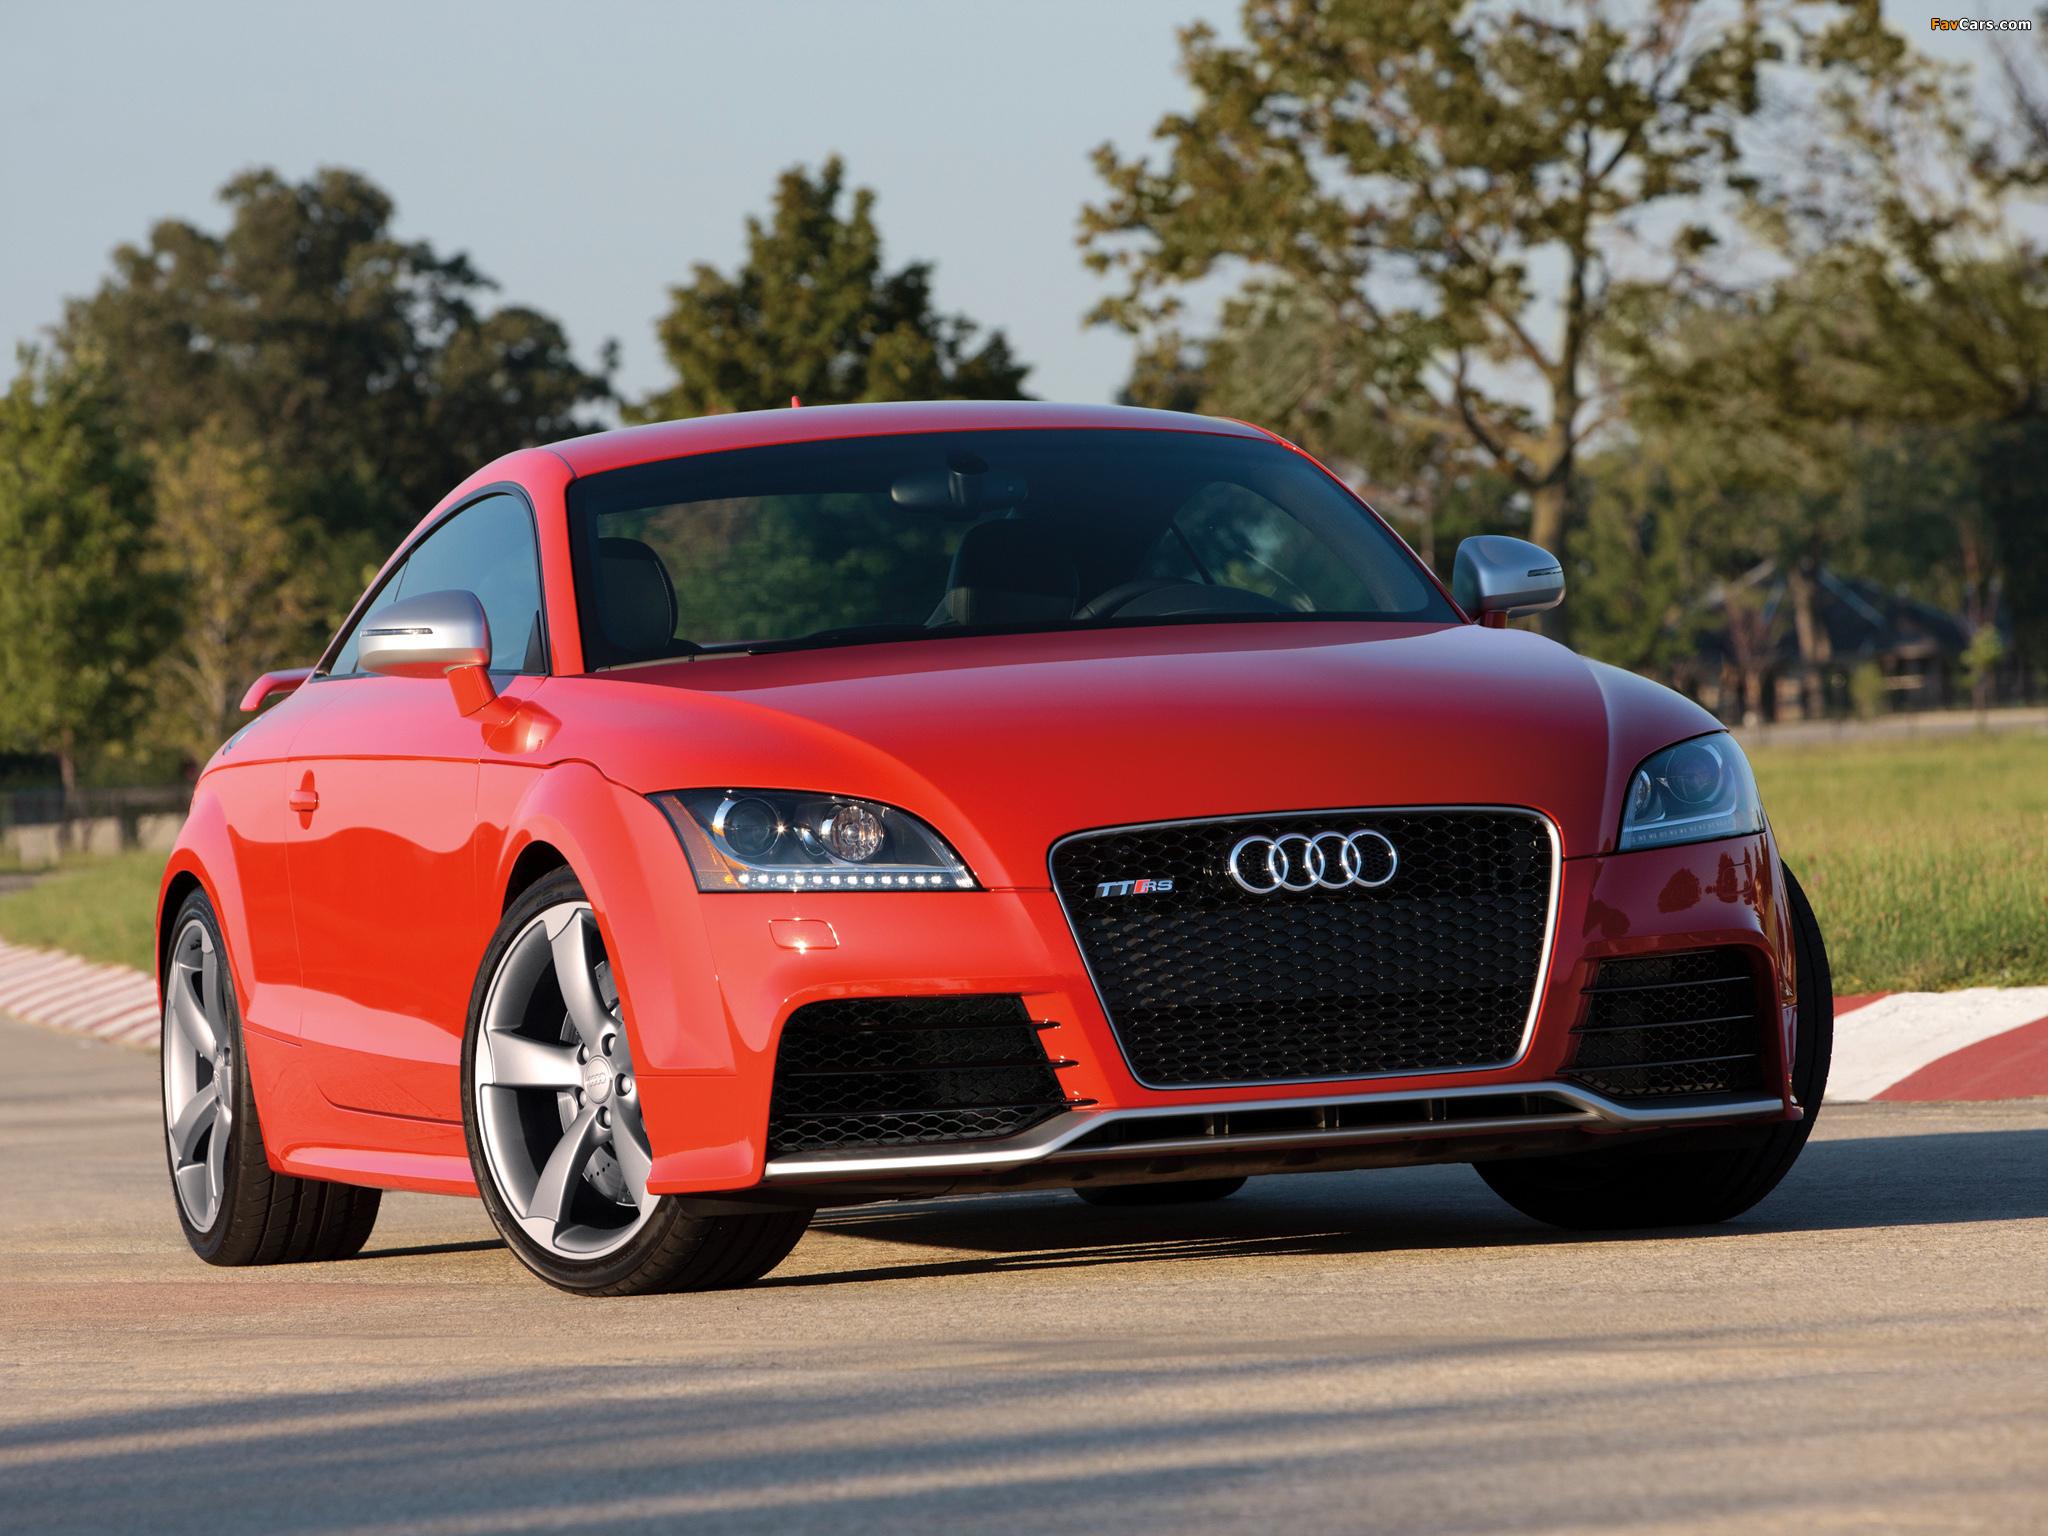 Audi TT RS Coupe US-spec (8J) 2011 photos (2048x1536)